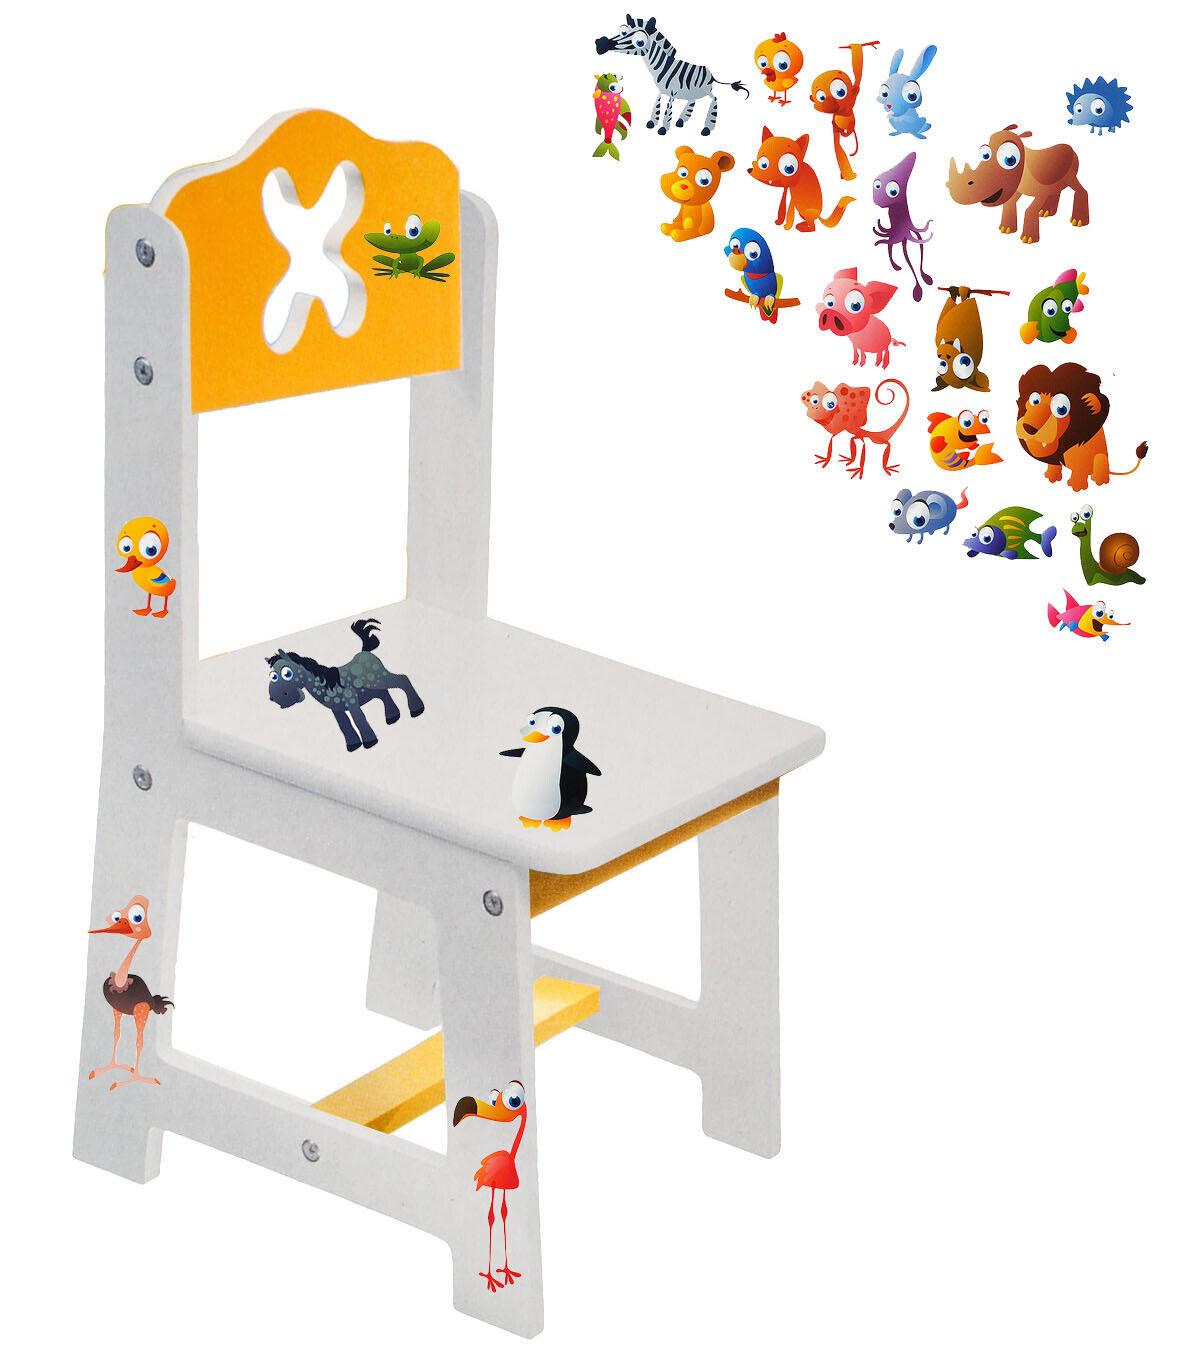 lustige Eulen auf dem AST Kinderstuhl wei/ß // gelb aus sehr stabilen Holz Beistellstuhl Kinderm/öbel f/ür Jungen /& .. alles-meine.de GmbH Stuhl f/ür Kinder incl Name